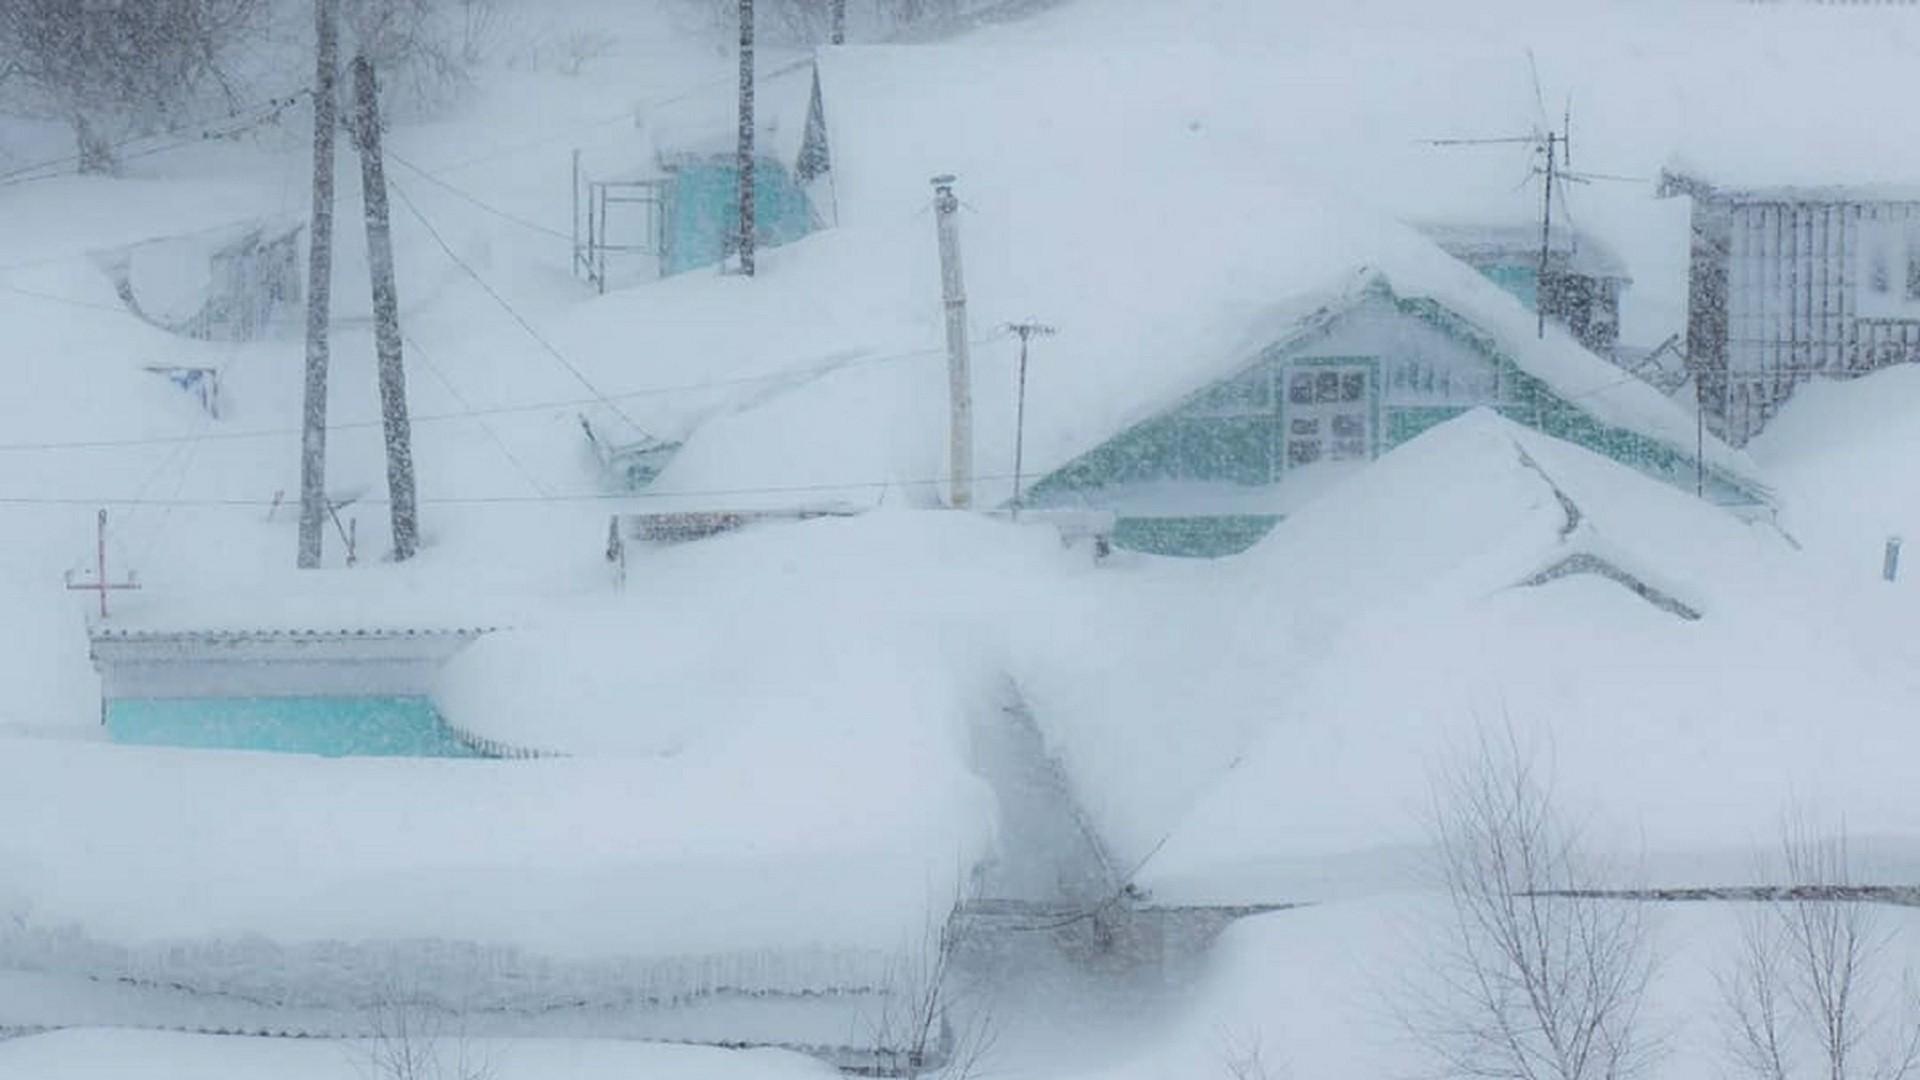 Maisons à Sakhaline lors d'un précédent en 2018